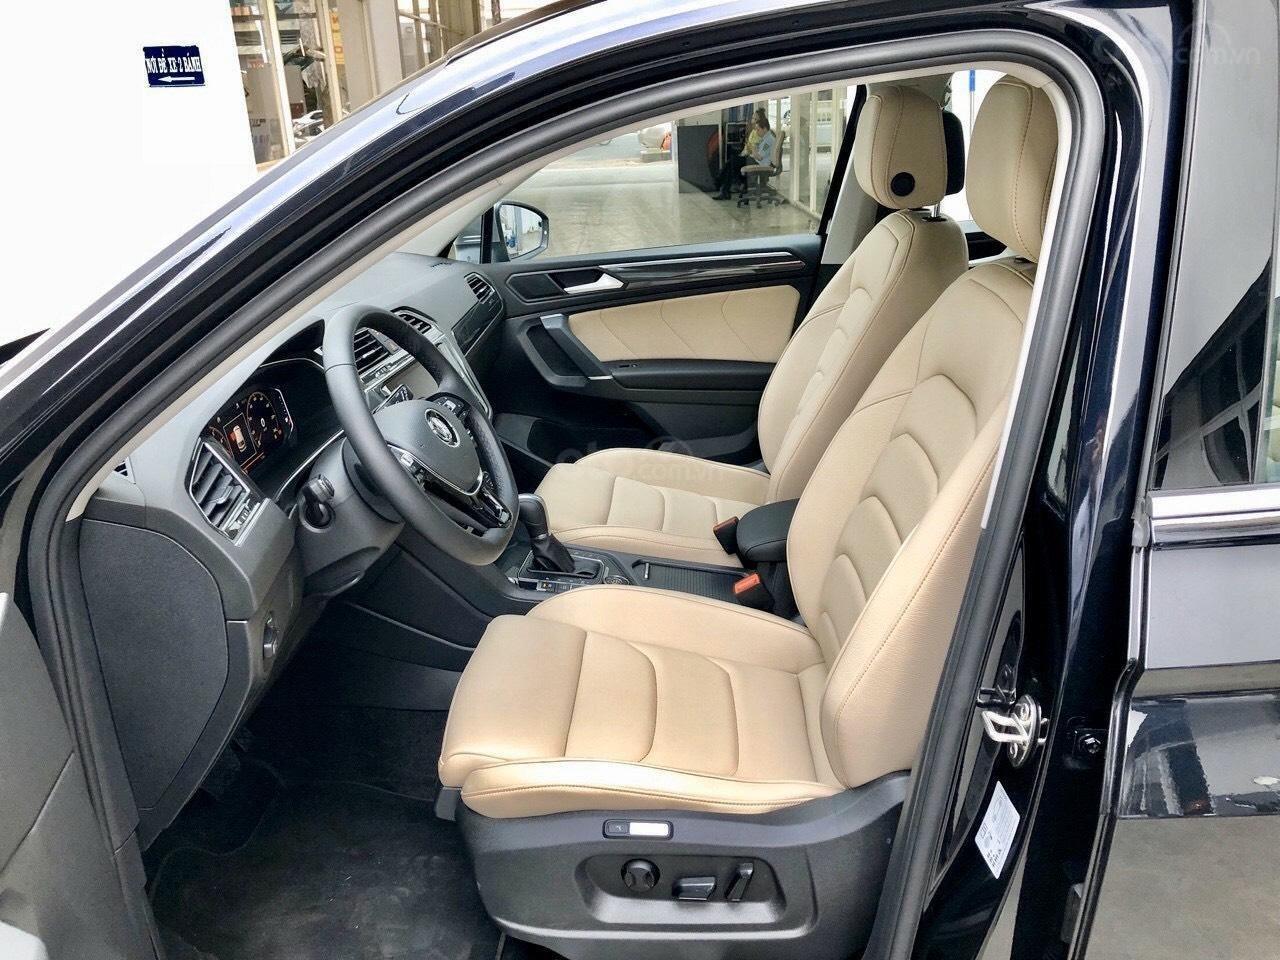 vw Tiguan Luxury ( Camera Lùi) Màu đen nội thất kem - 1 chiếc giao ngay - Khuyến mãi giảm giá tiền mặt + quà tặng (10)